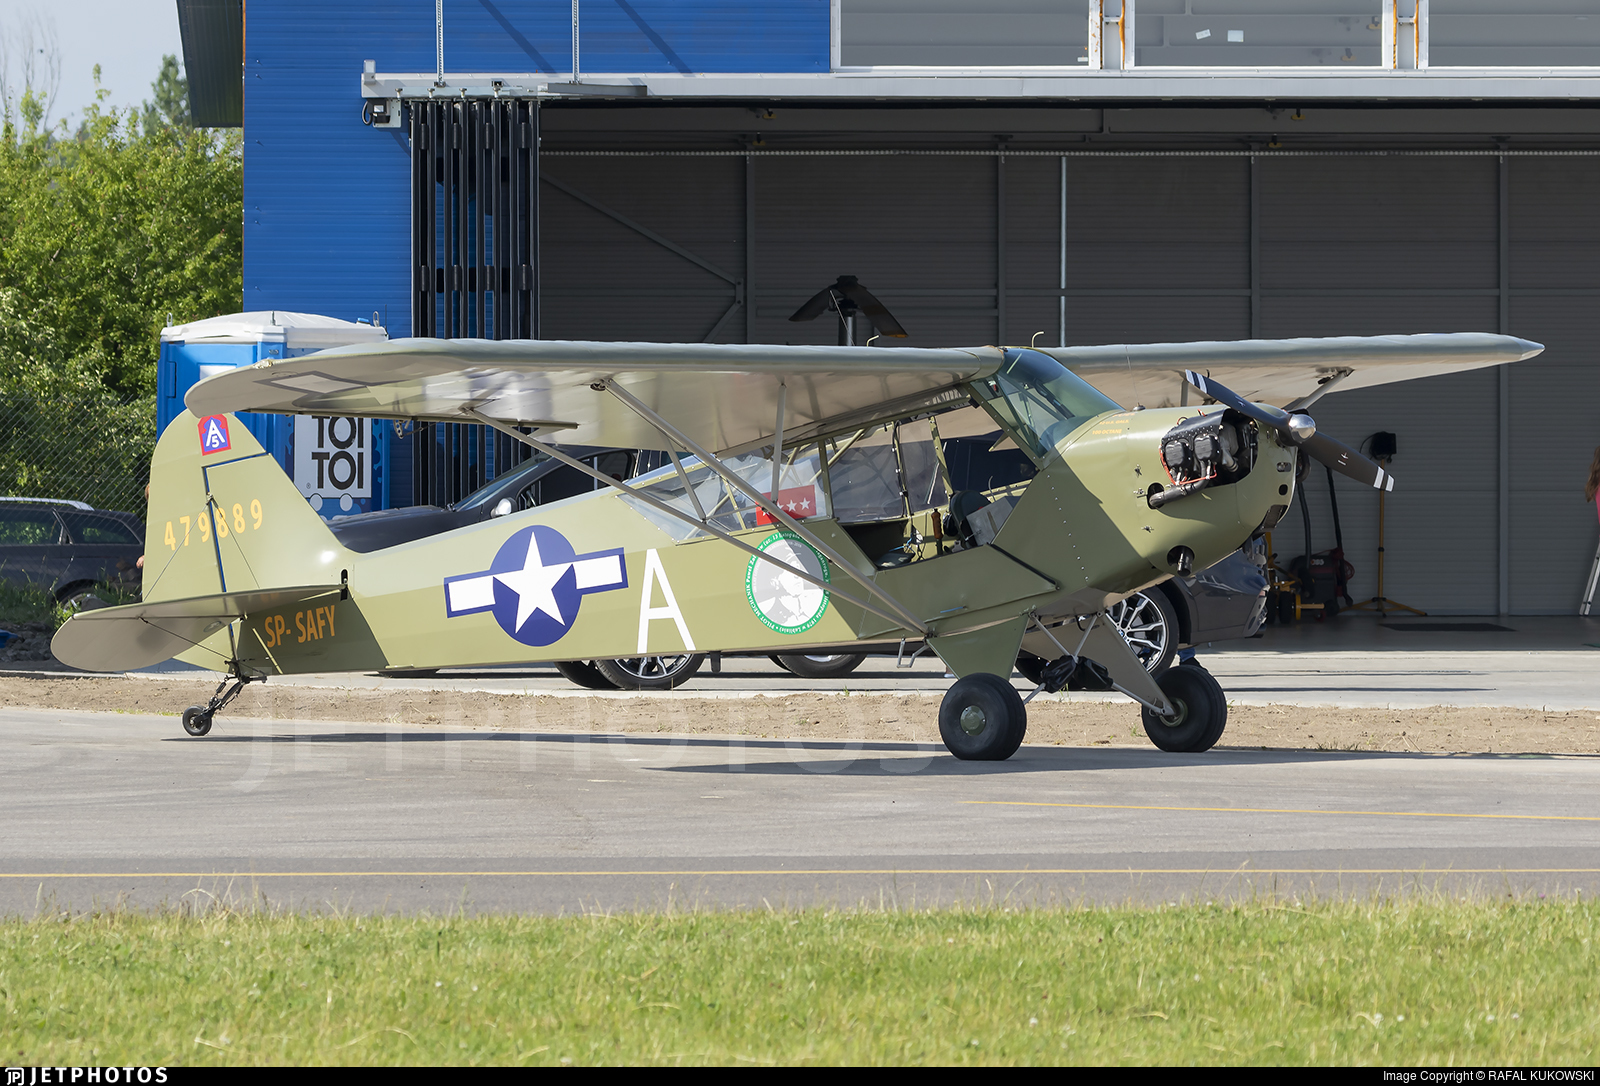 SP-SAFY - Piper J-3C-65 Cub - Private